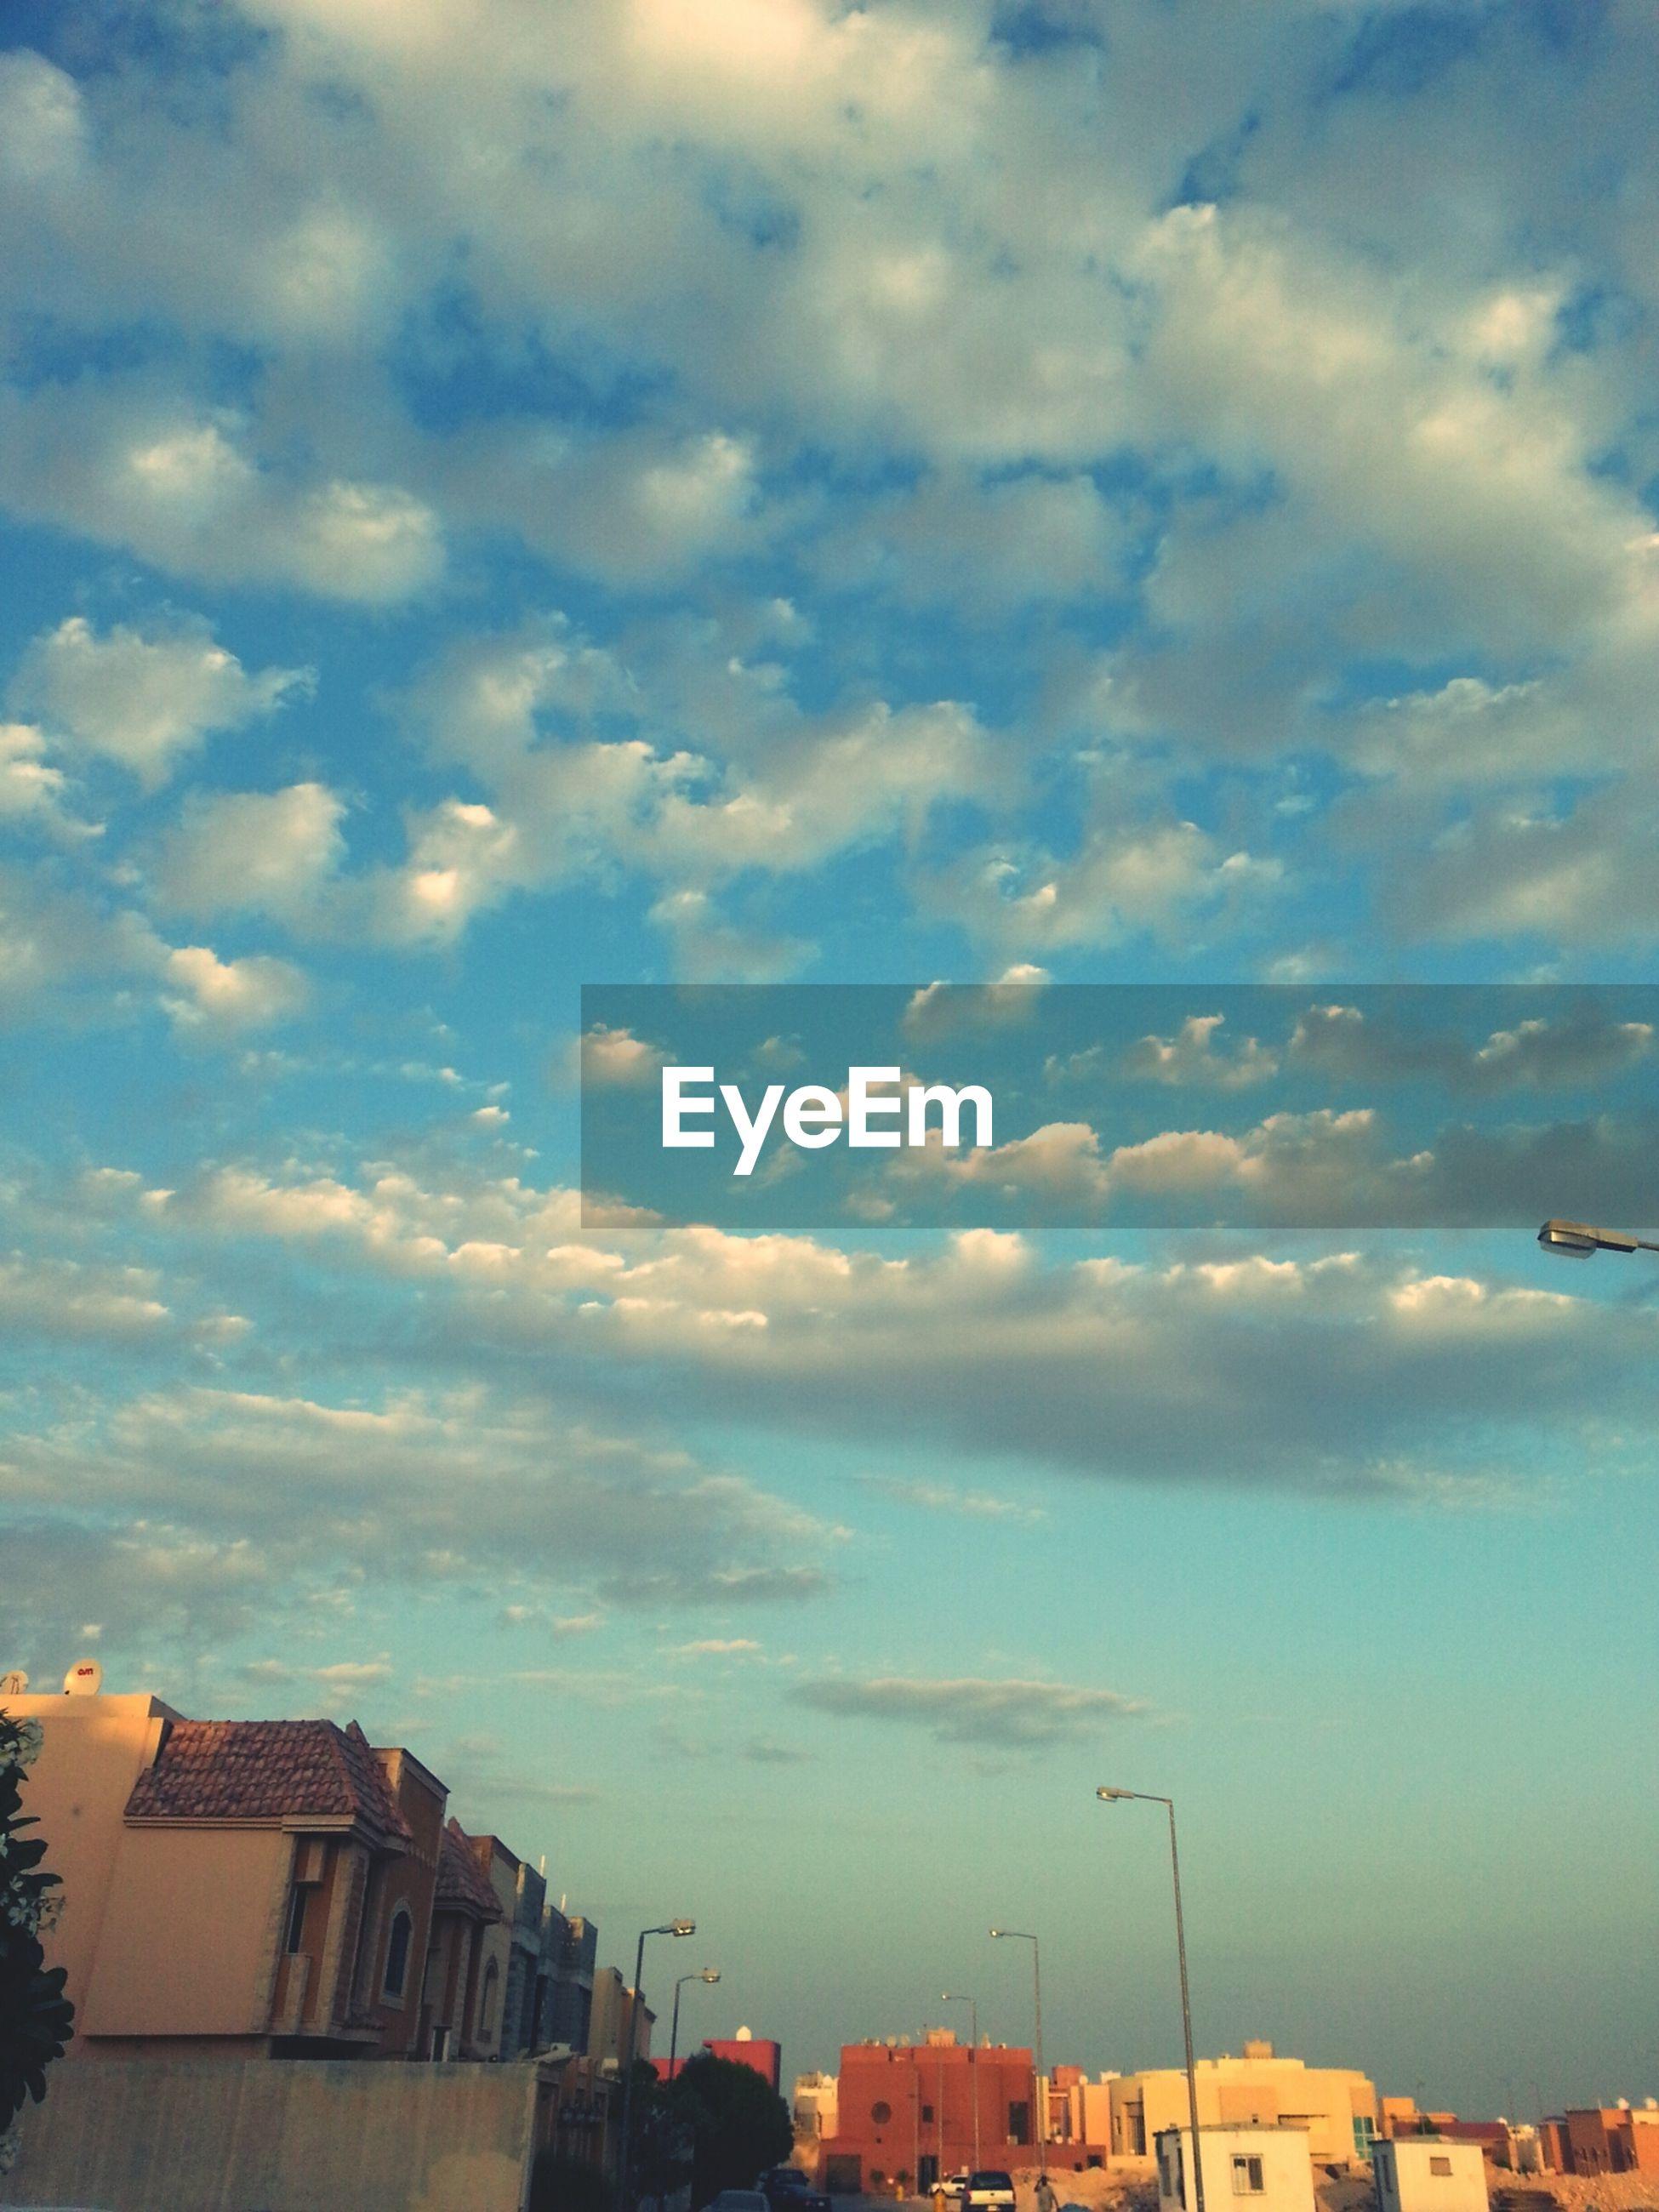 Altocumulus clouds over city